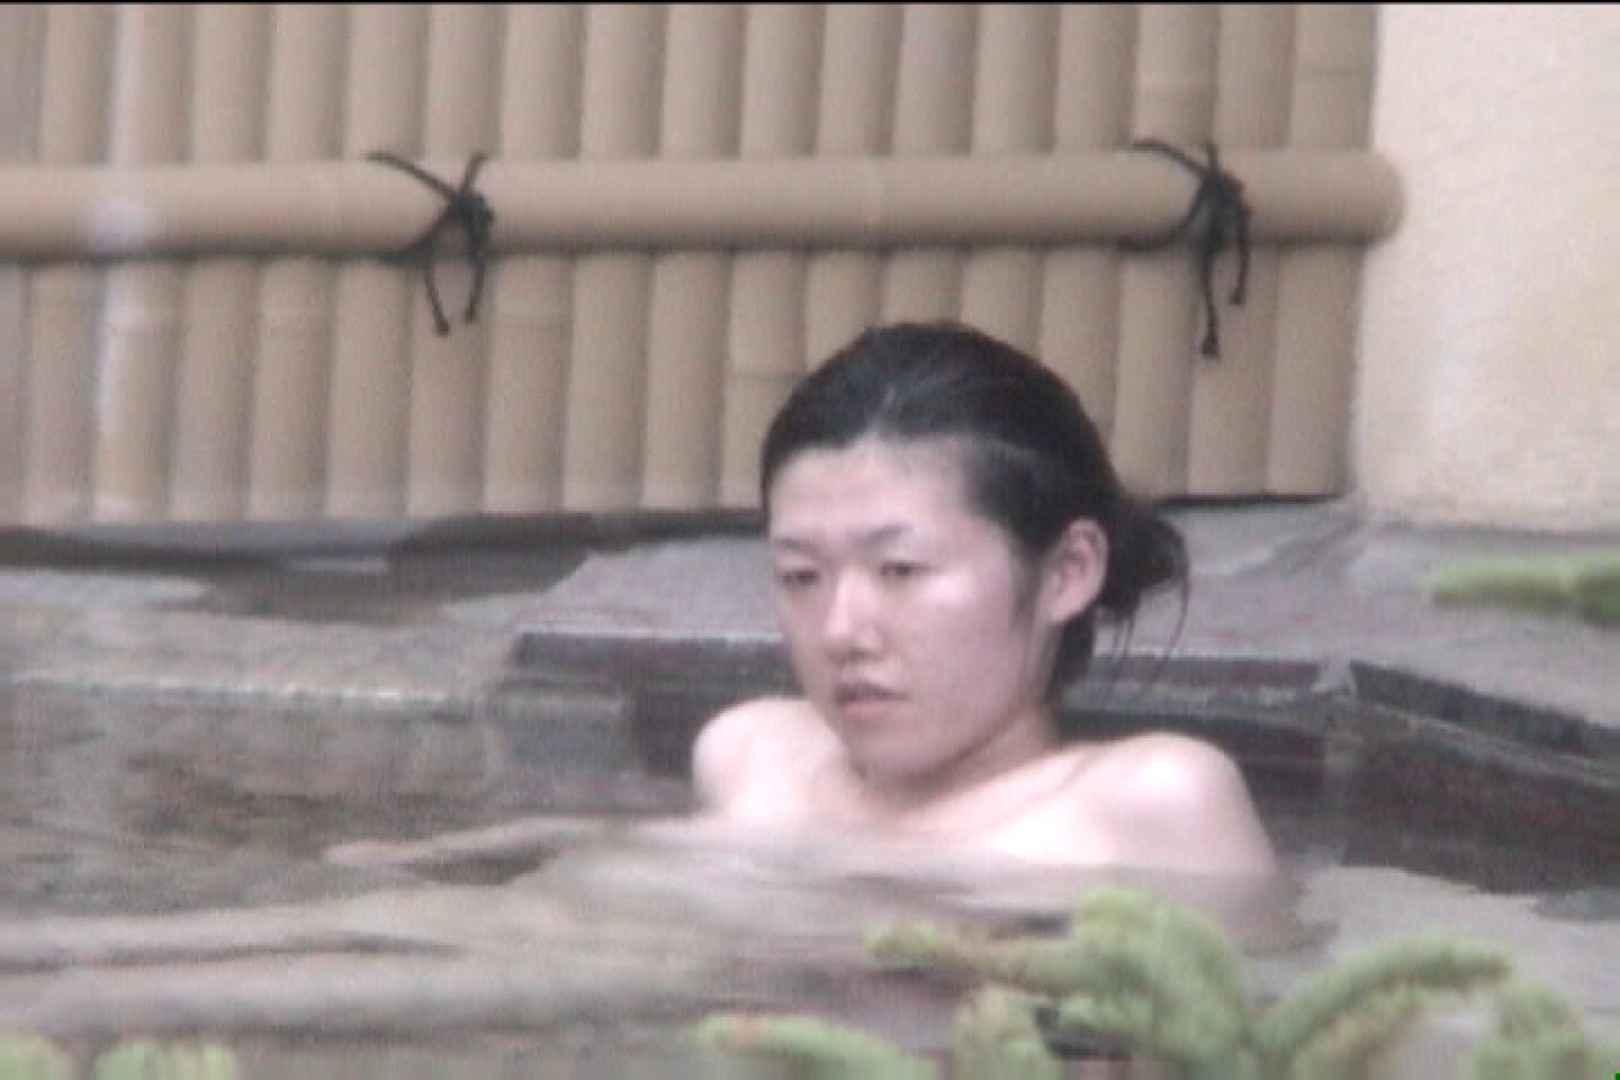 Aquaな露天風呂Vol.93【VIP限定】 盗撮シリーズ  76PIX 64